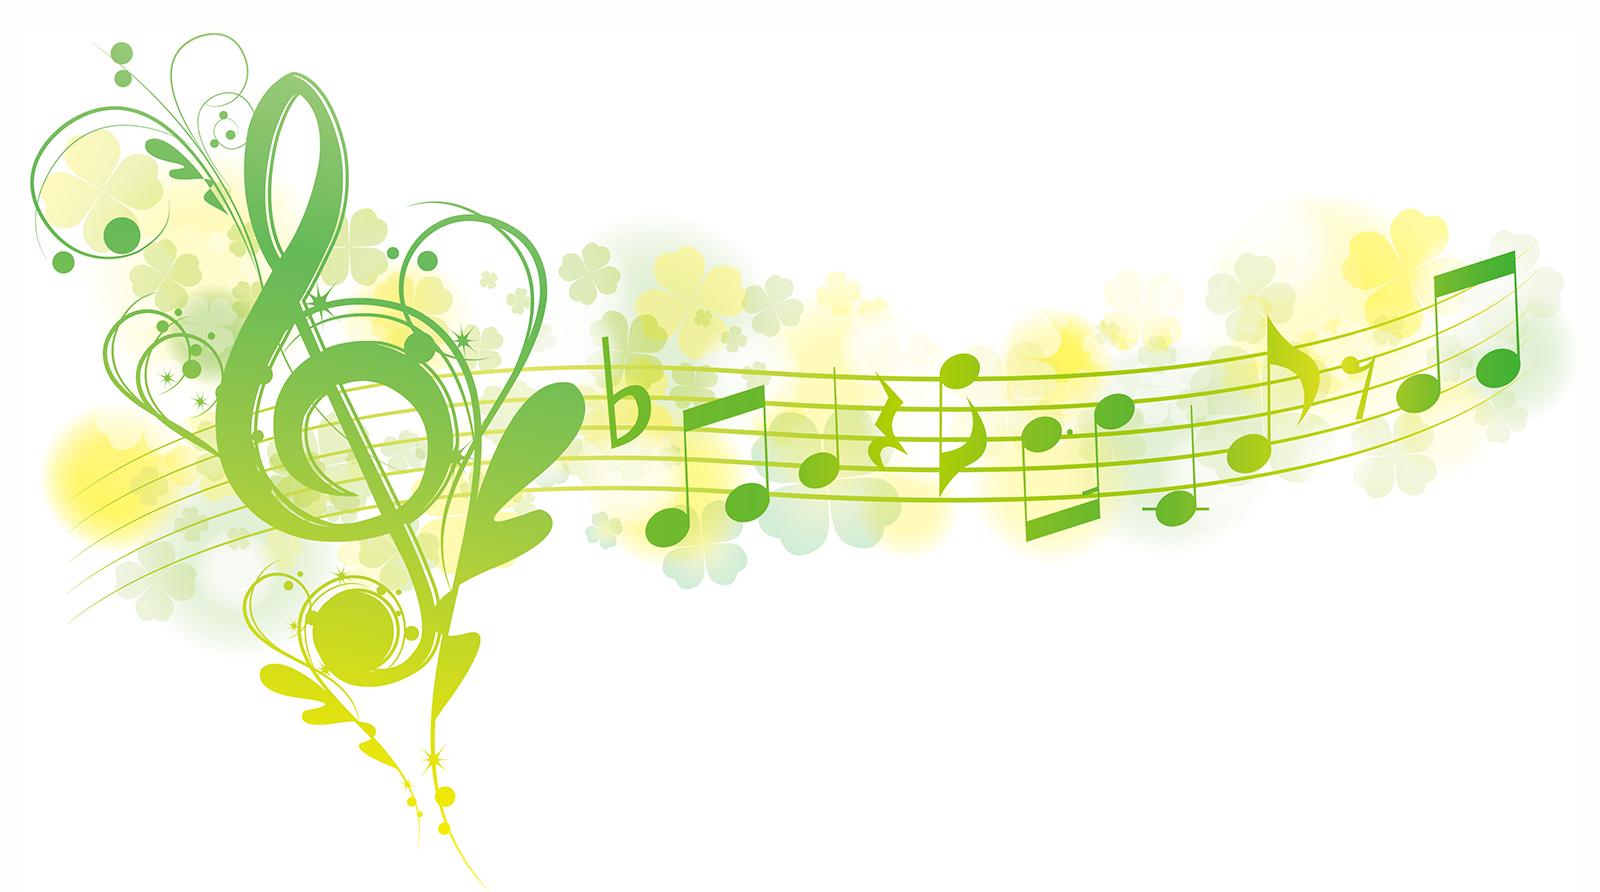 黄色緑ト音記号と植物のツルの優雅なフレーム